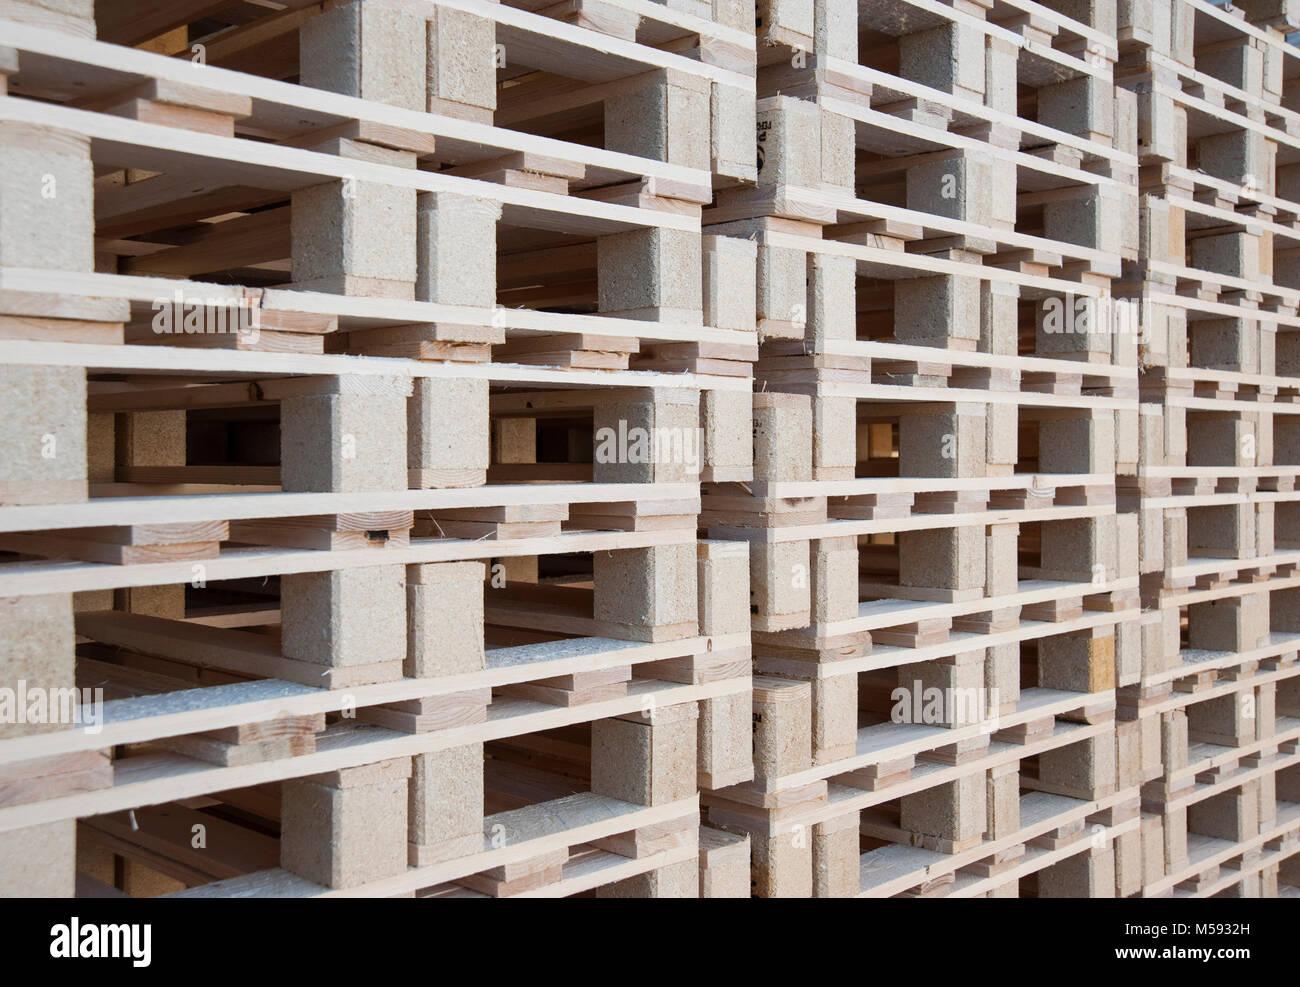 Eine Wand Aus Holz Paletten Gestapelt übereinander Stockfoto Bild